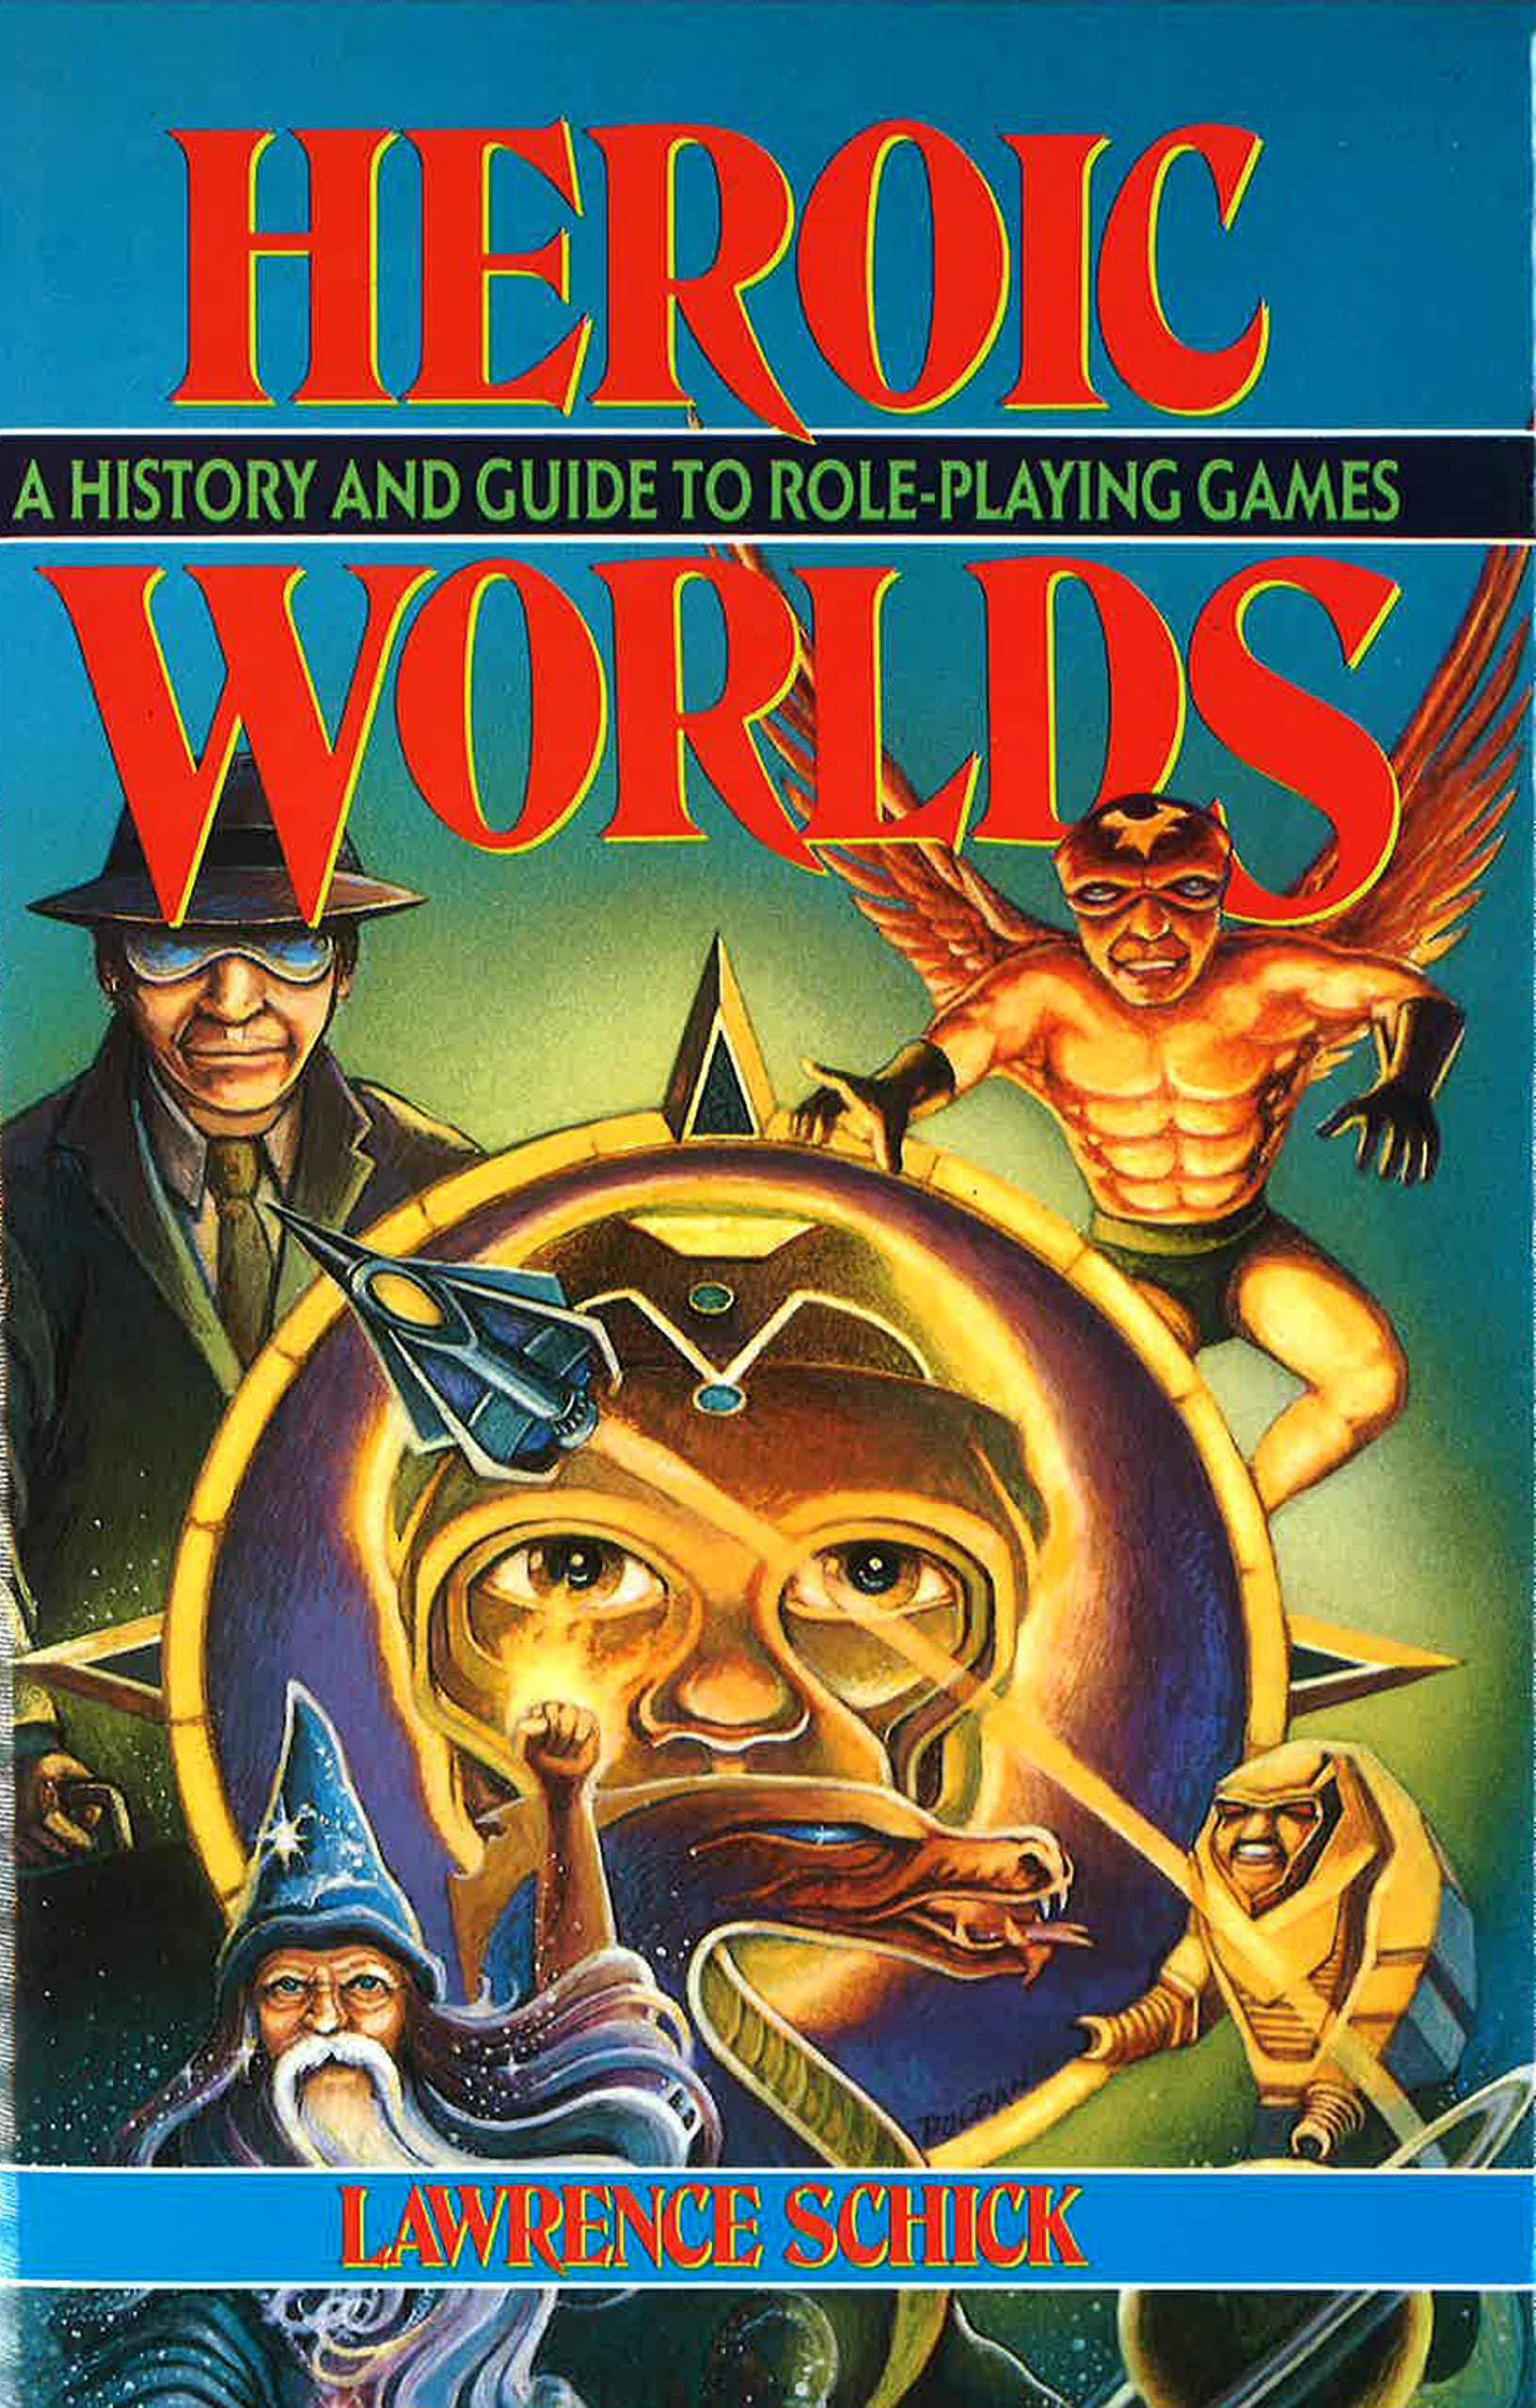 heroicworlds.jpg